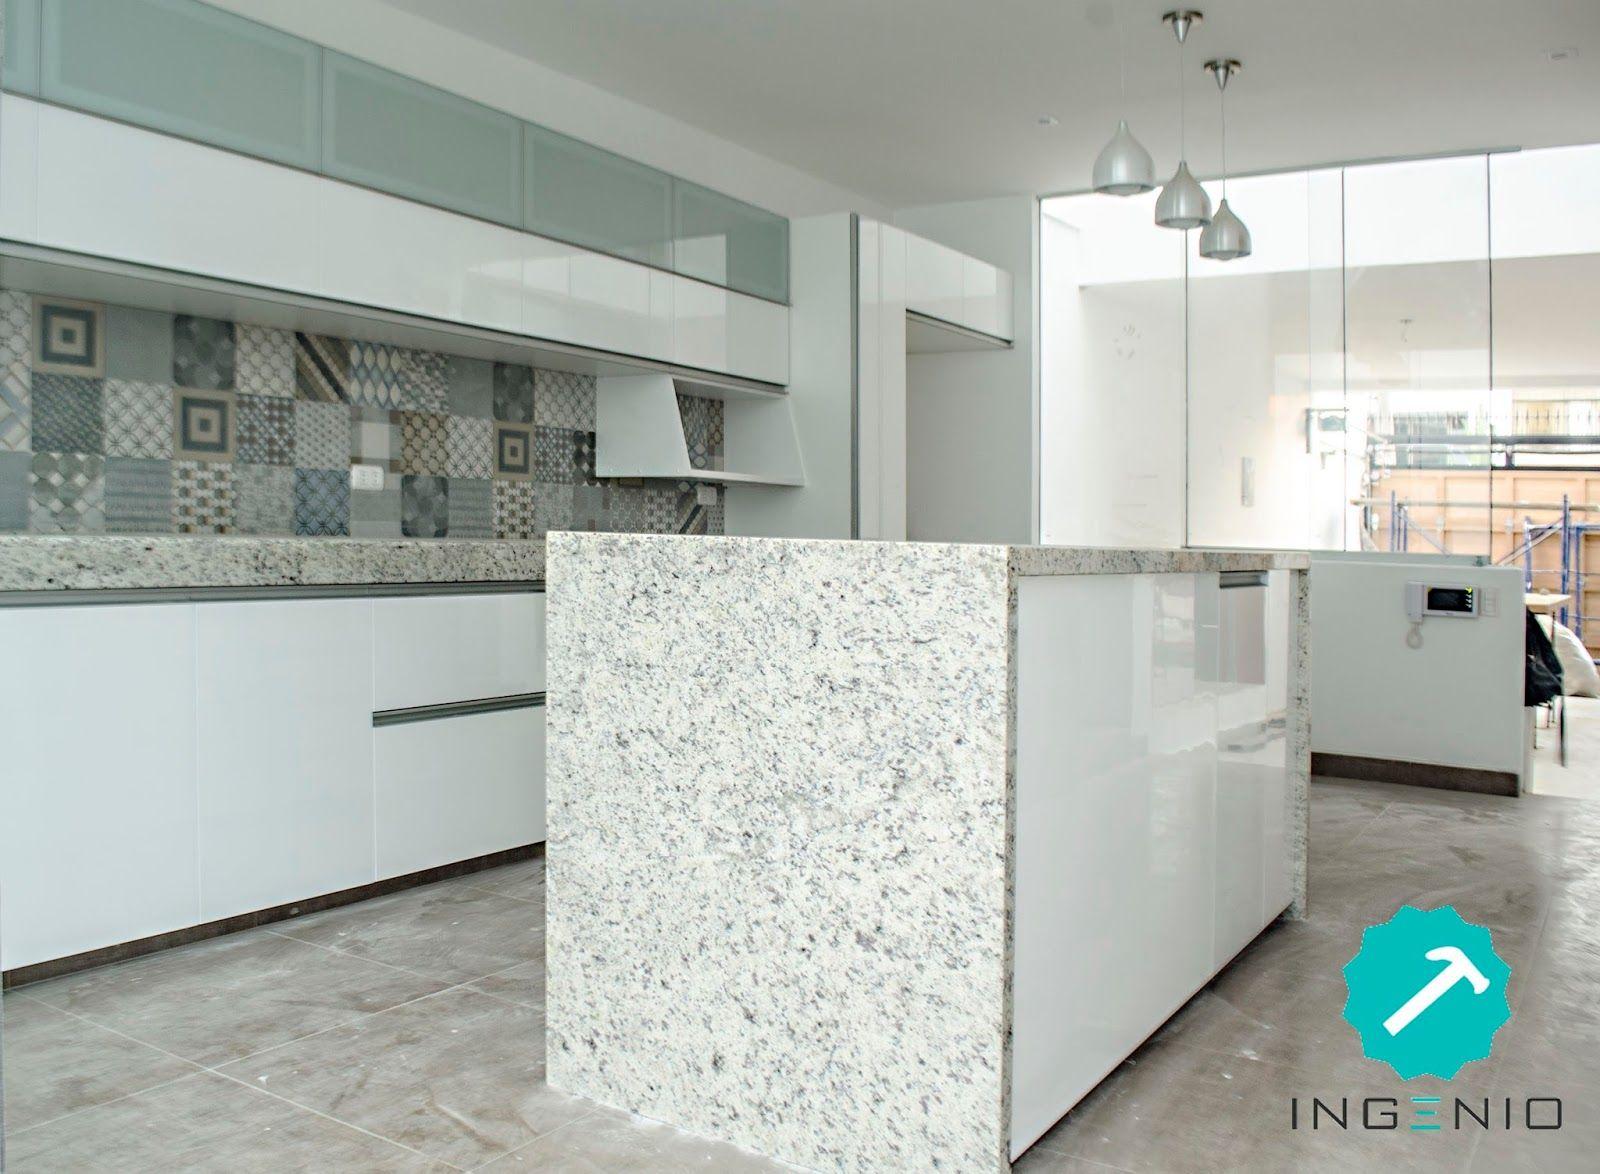 Mueble de cocina con acabado poliuretano blanco. | Cocinas blancas ...